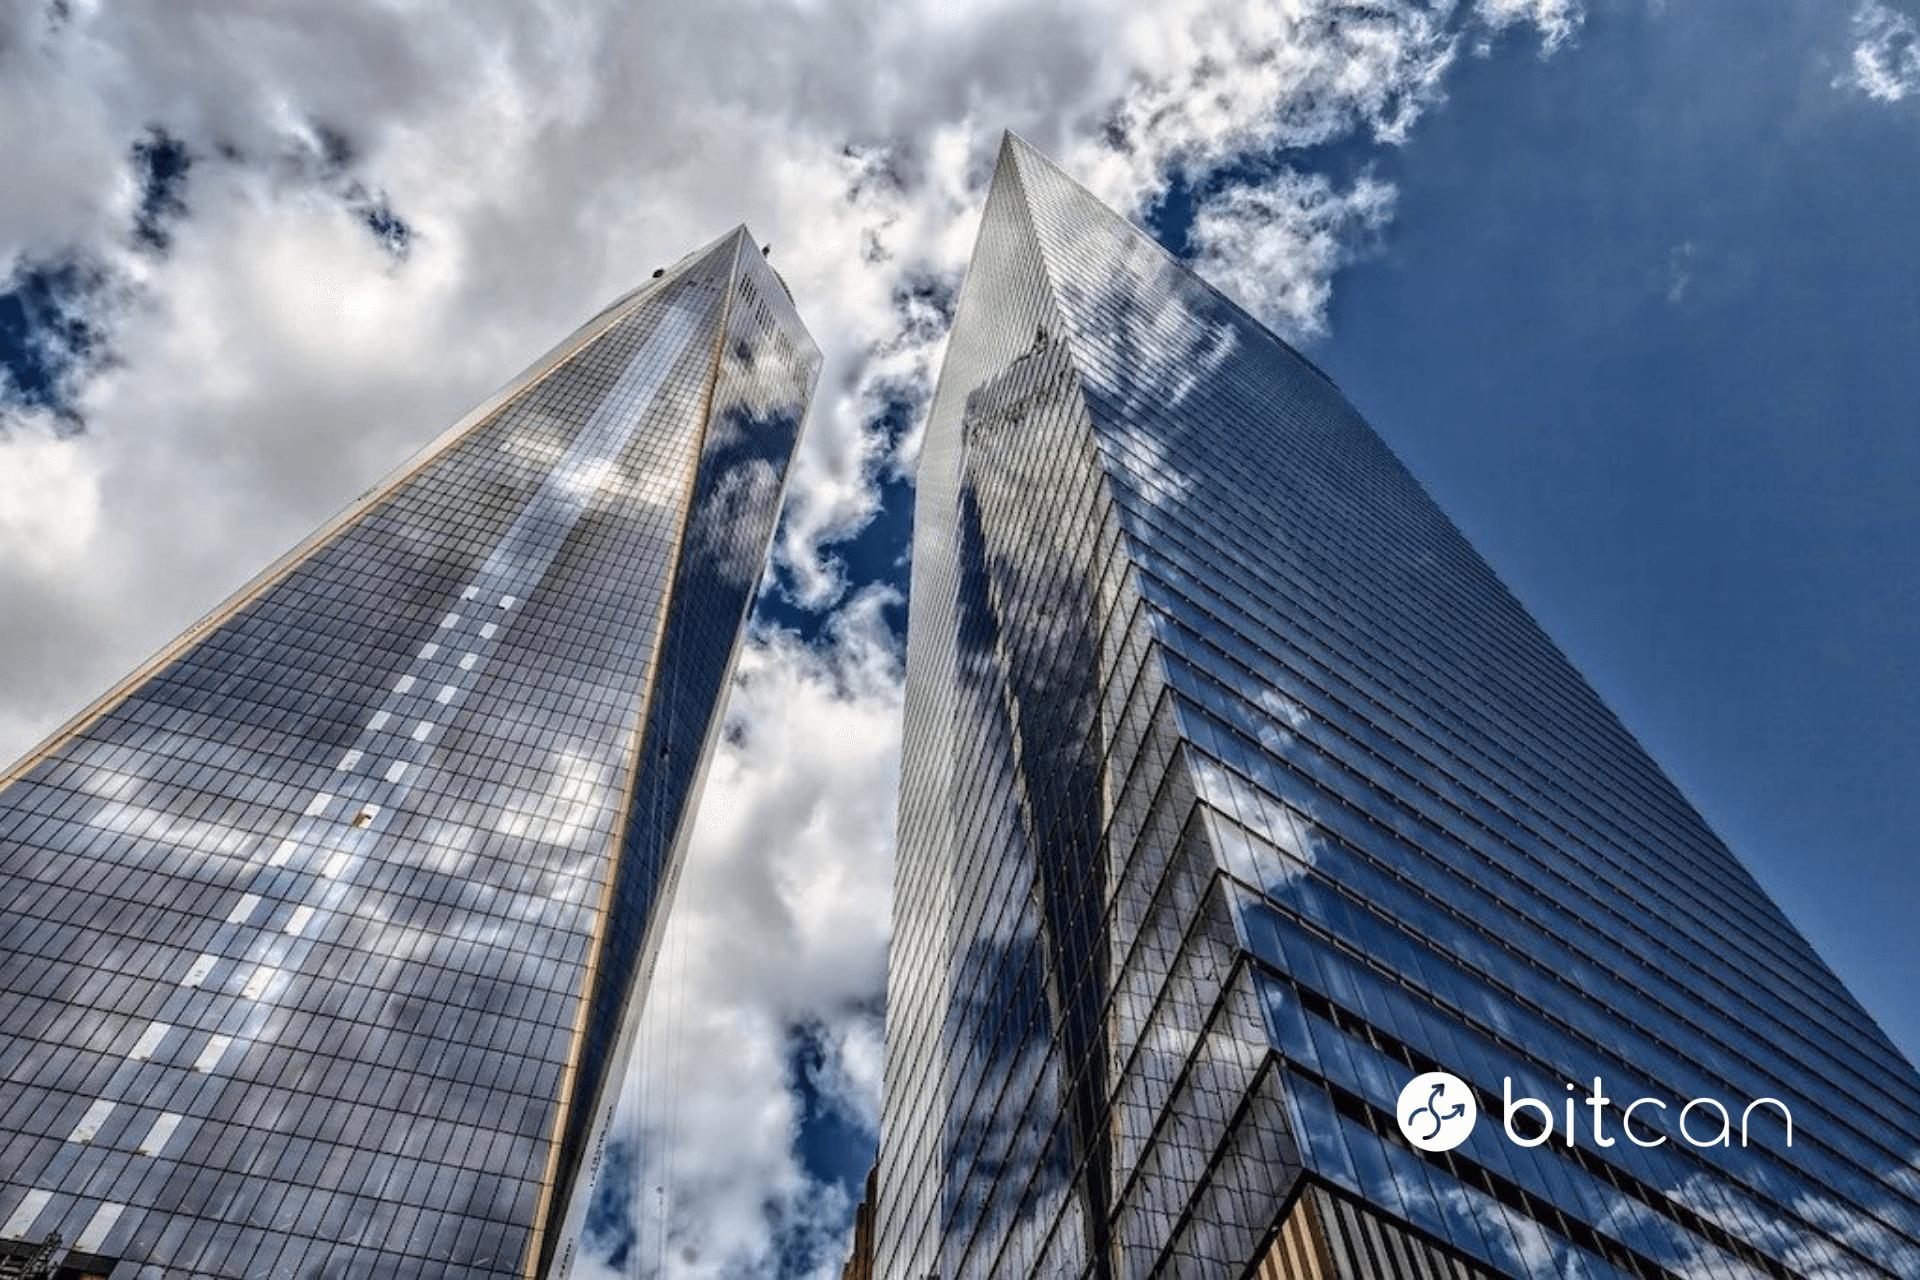 Inwestycje w bitcoin: dlaczego coraz więcej tradycyjnych inwestorów interesuje się rynkiem walut cyfrowych?